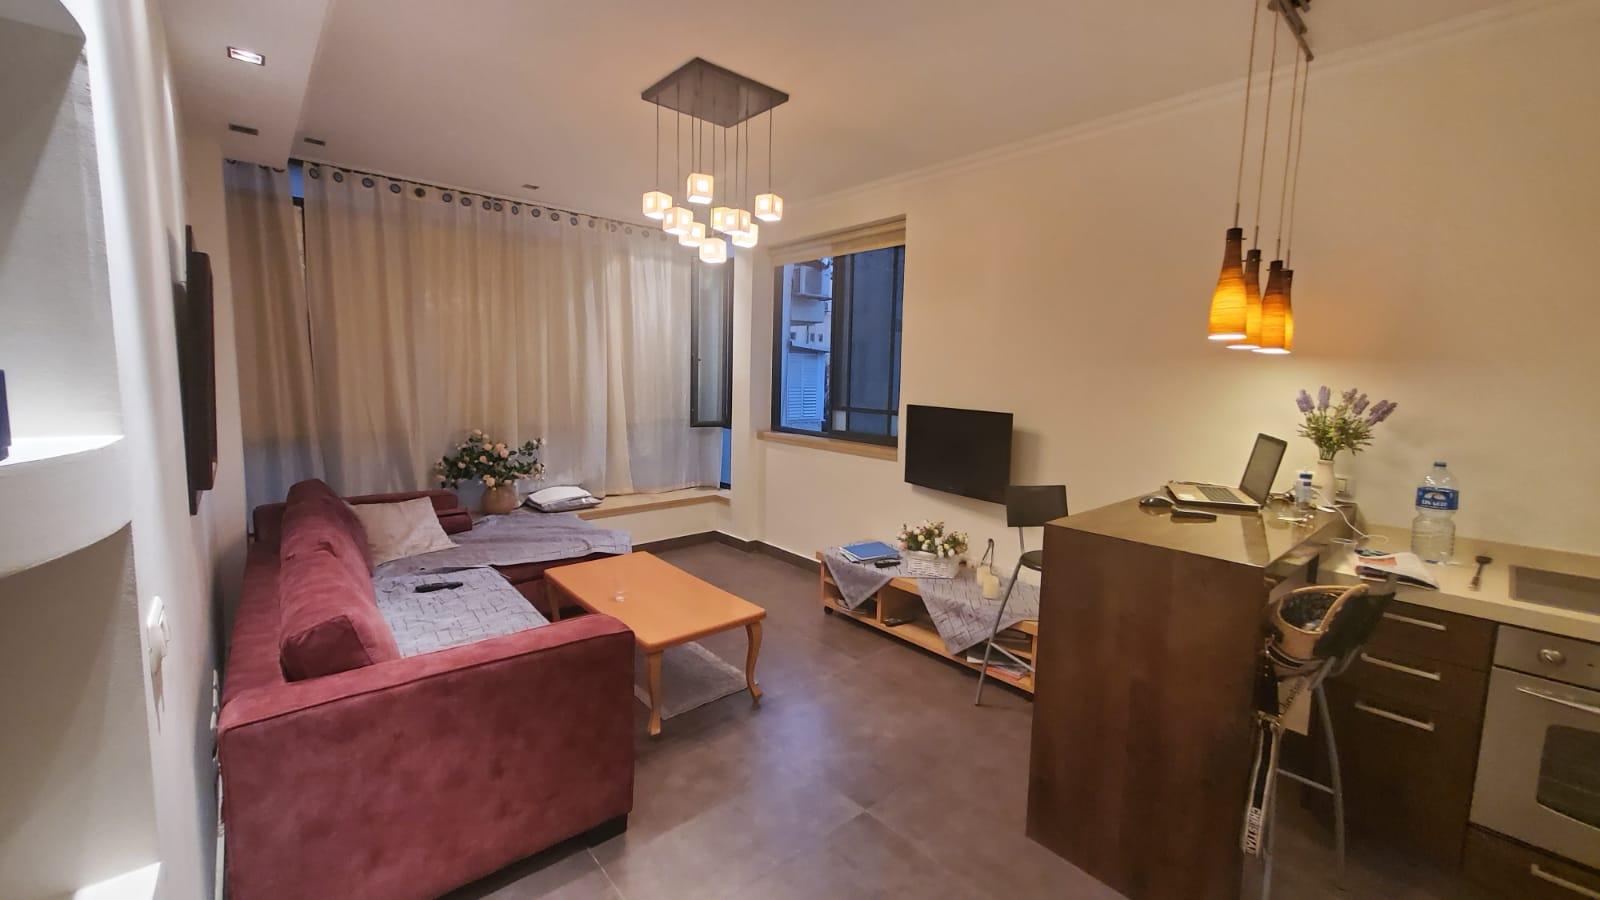 תל אביב דירה להשכרה לתקופה קצרה 2.5 חדרים !price$ ללילה, תל אביב